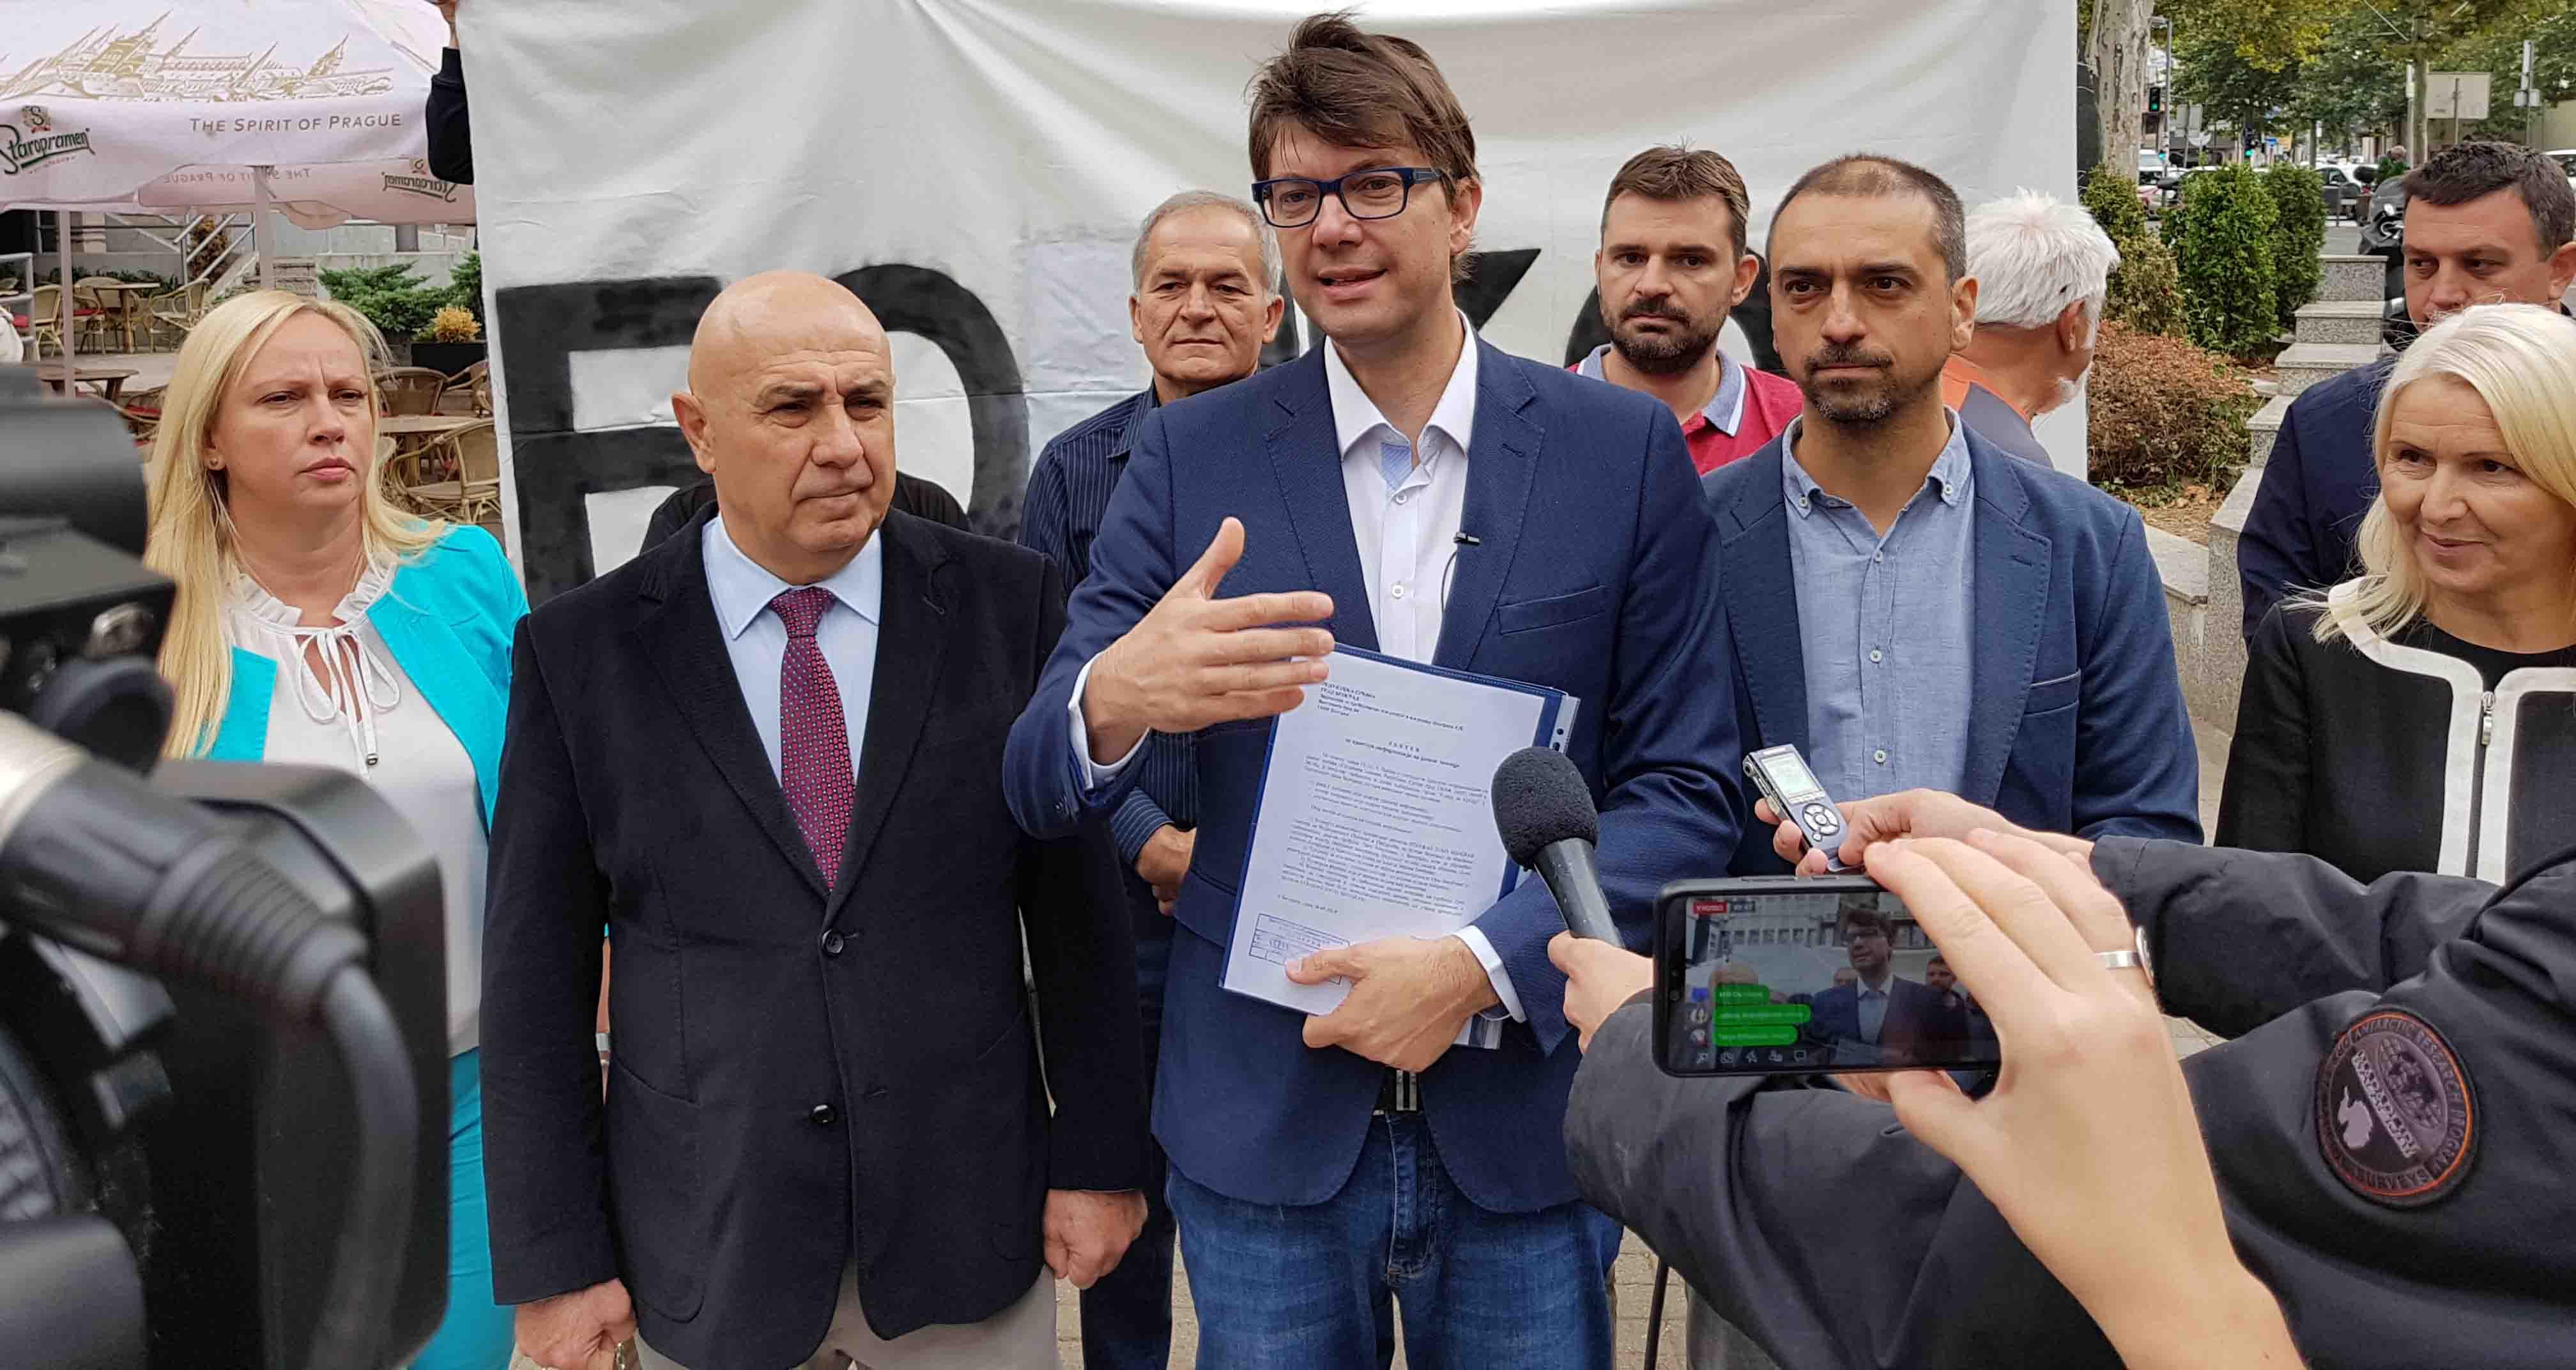 Јовановић: Весић слагао о уговору за Трг Републике, неко ће морати у затвор